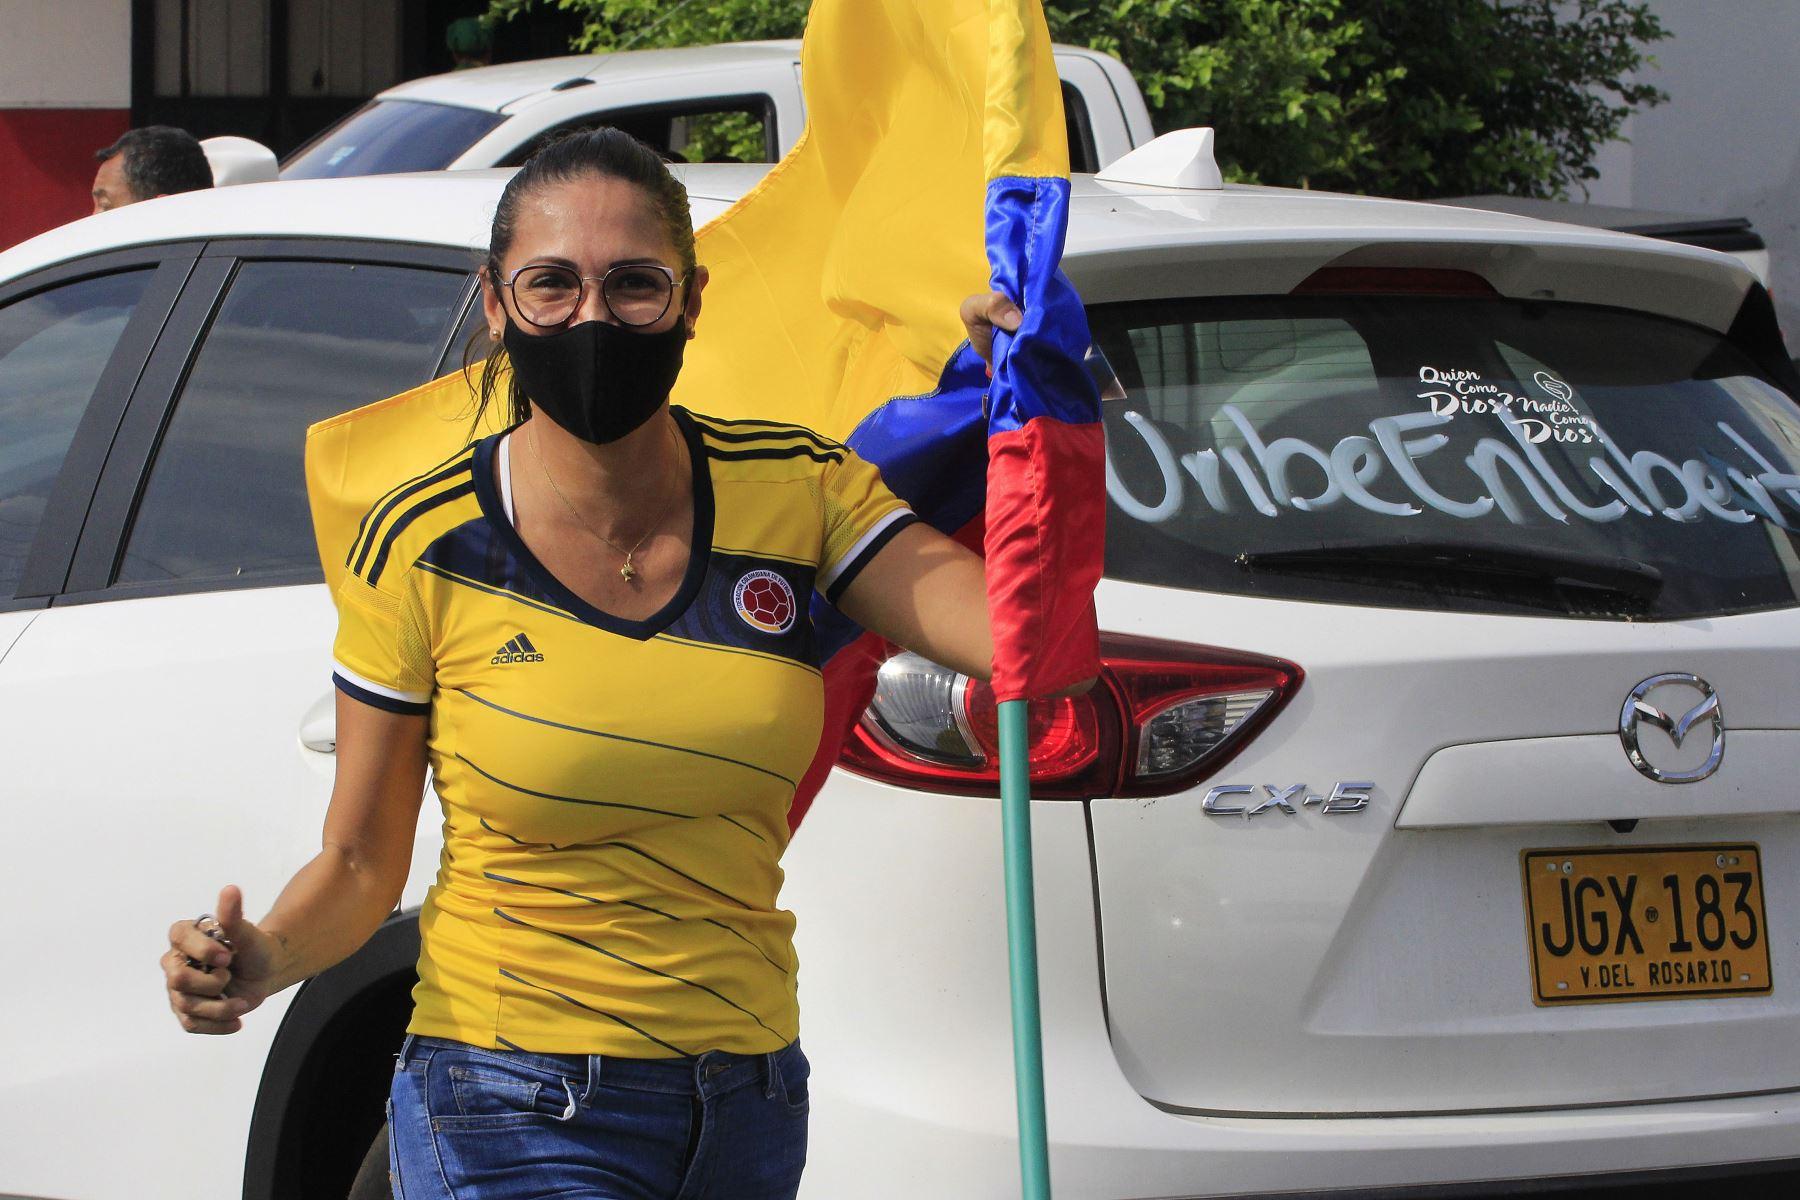 Una mujer protesta contra la detención domiciliaria del expresidente Alvaro Uribe. La detención domiciliaria del expresidente colombiano Álvaro Uribe, ordenada por la Corte Suprema, ha puesto sobre la mesa la idea de hacer una reforma a la Justicia. Foto: EFE